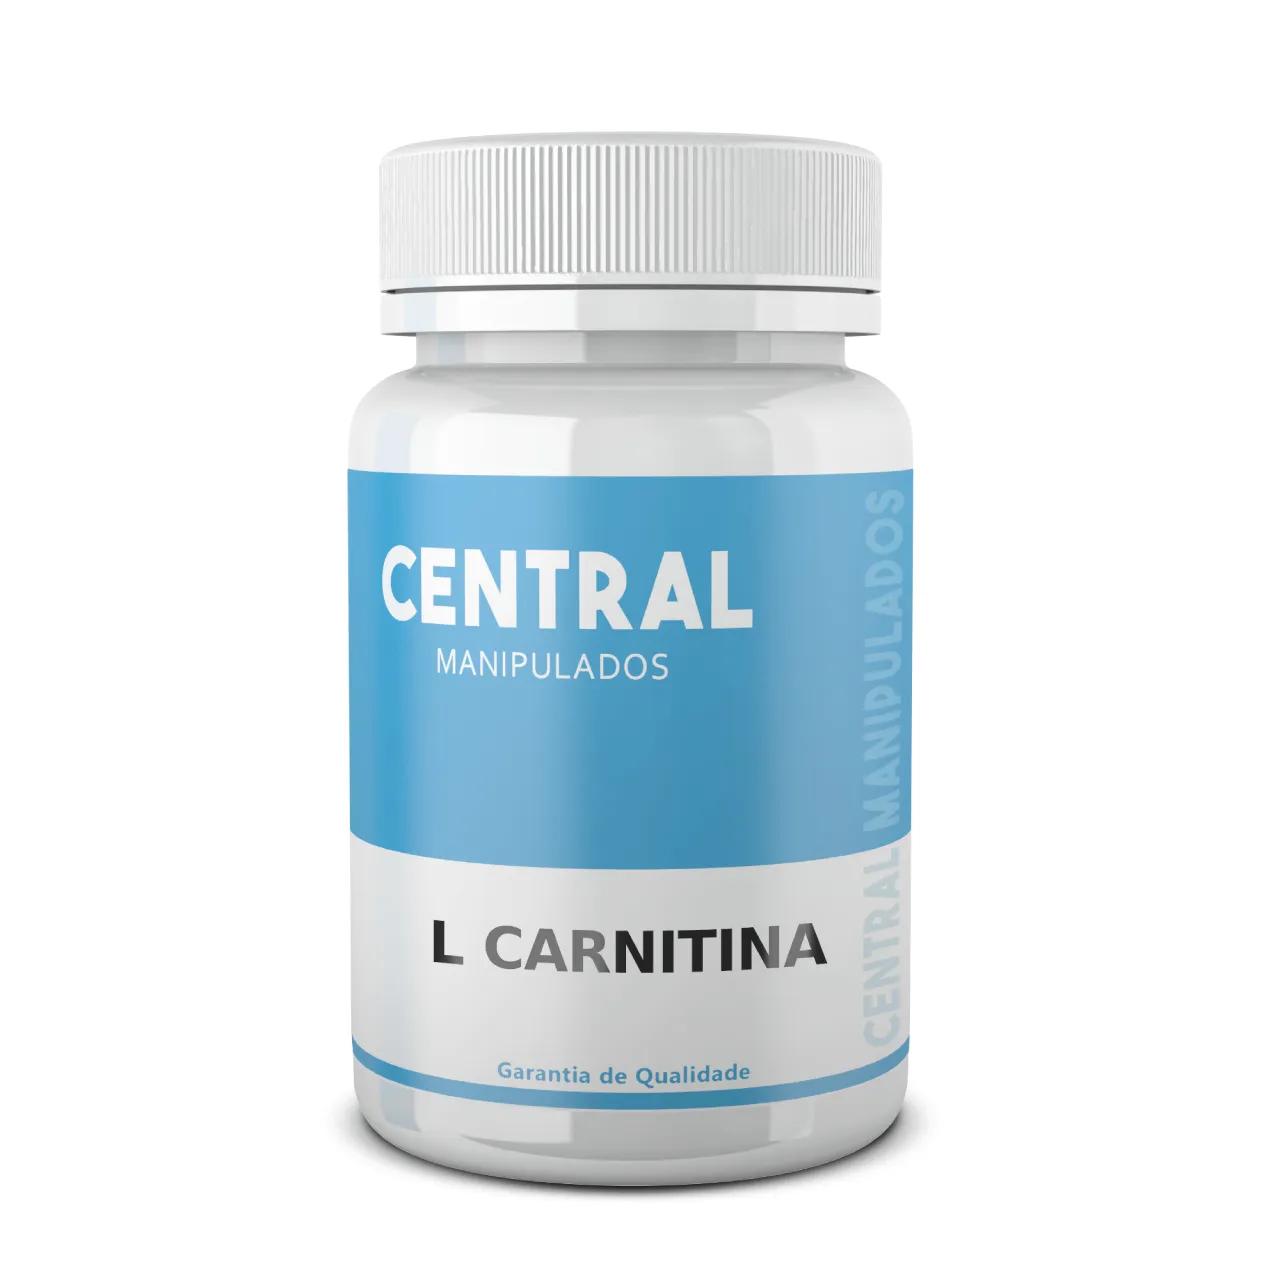 L Carnitina 500mg - 60 cápsulas - Redução de colesterol, da gordura localizada, Evita o acúmulo de gorduras no fígado e a formação de cálculos biliares